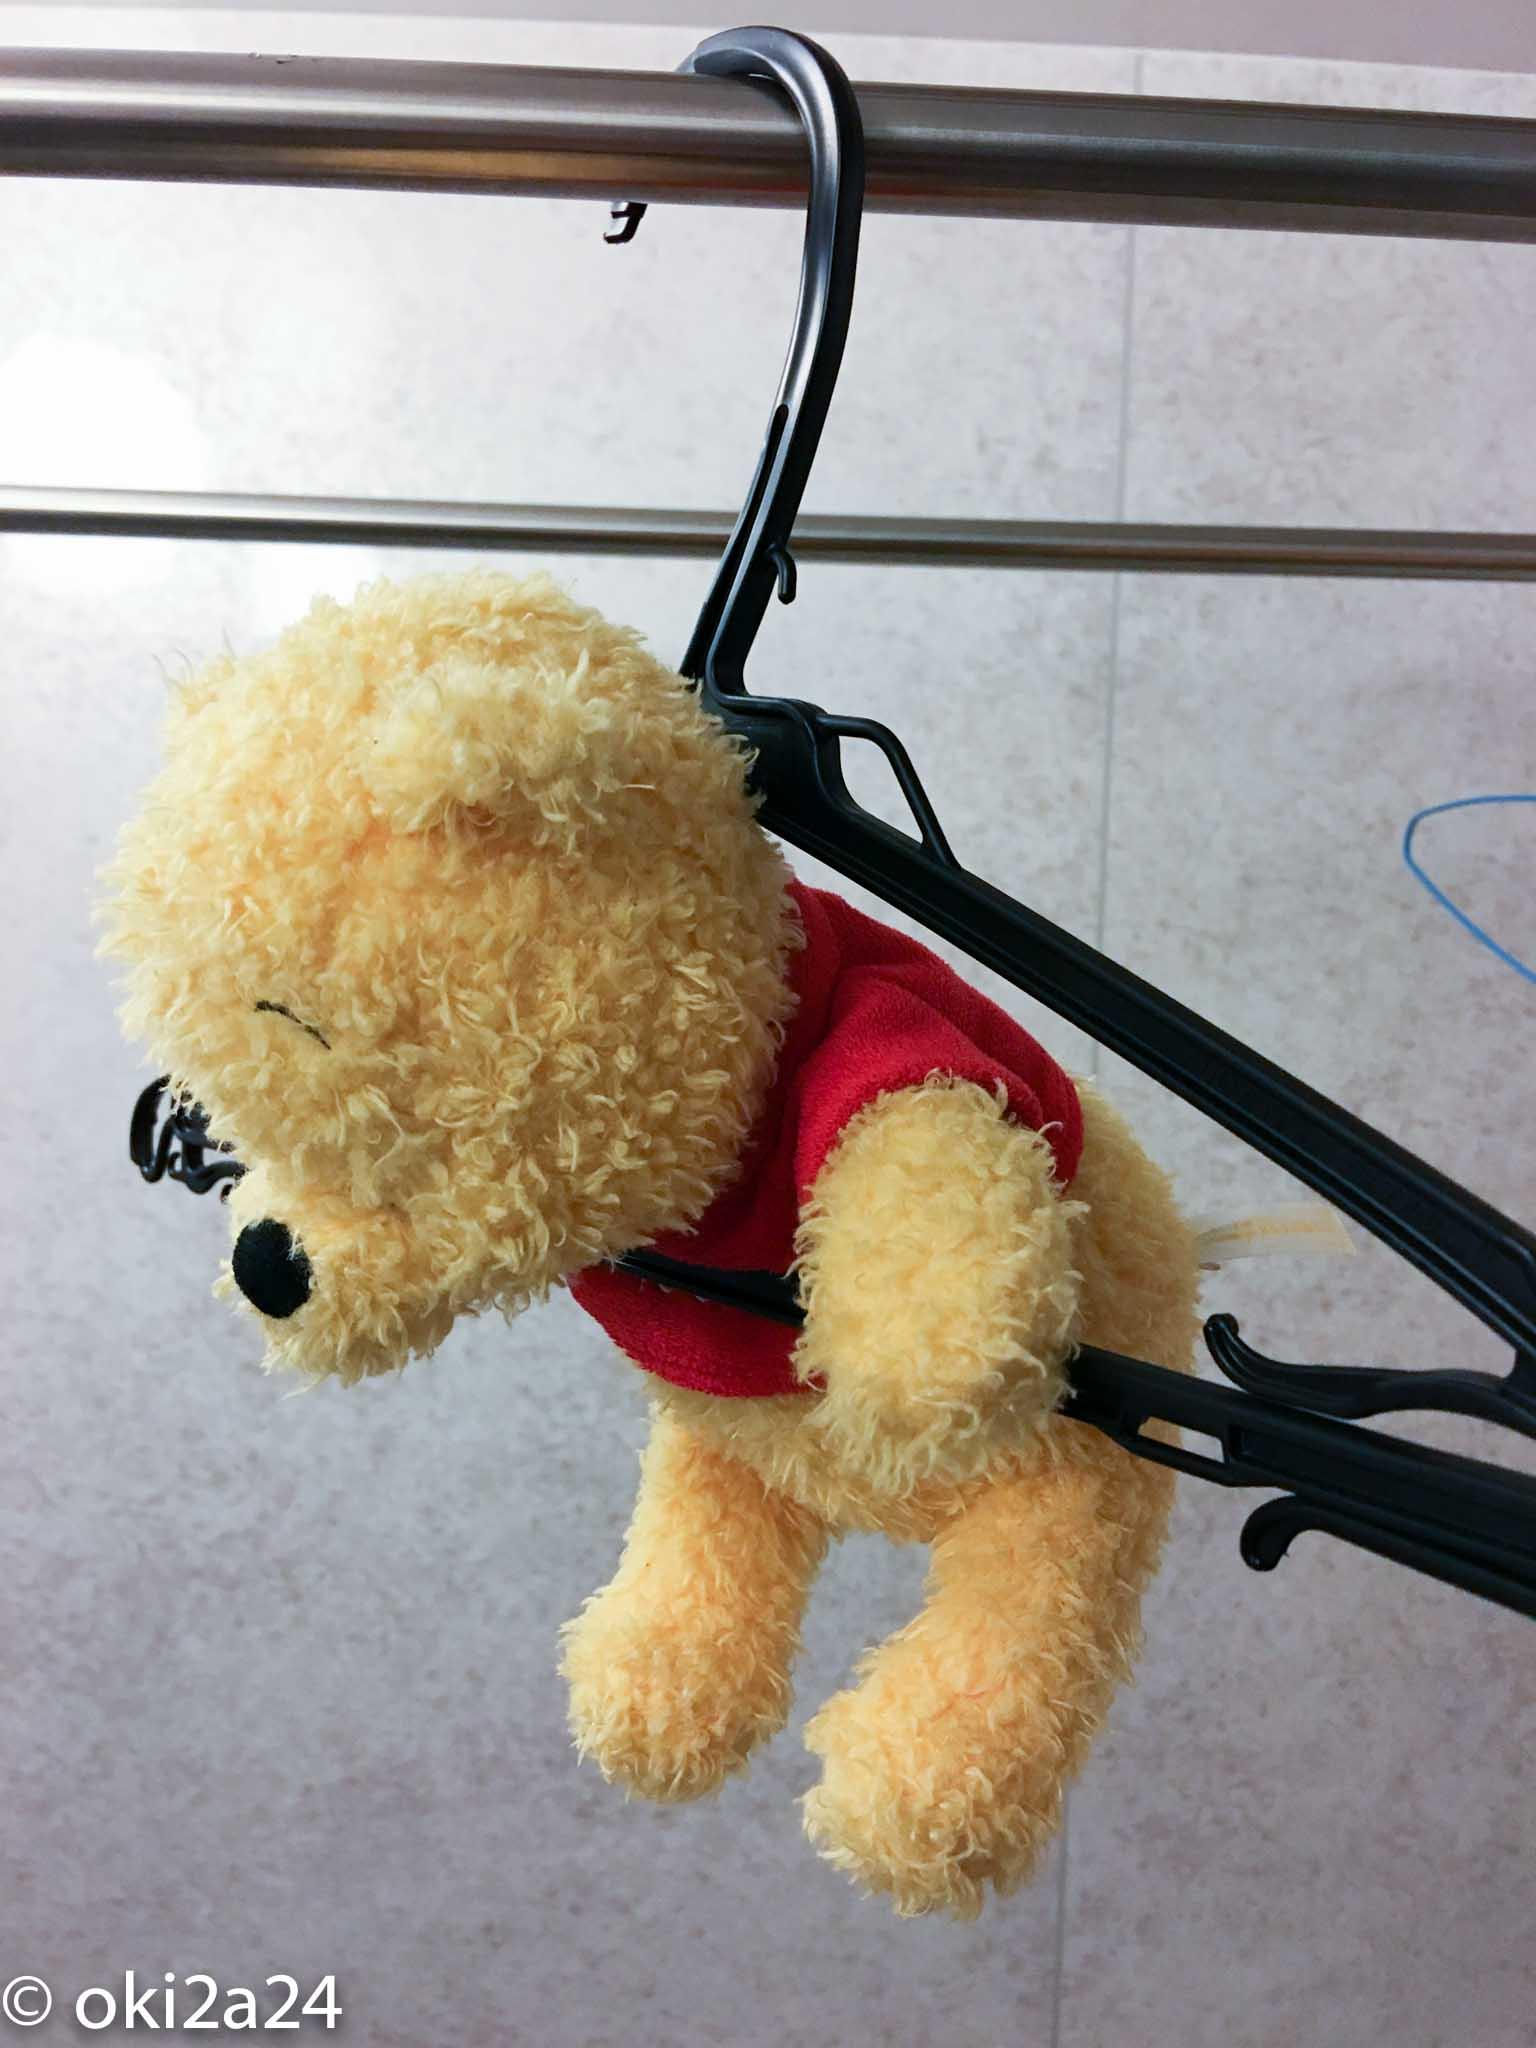 プーさん人形をハンガーに掛けた(前から見たところ)